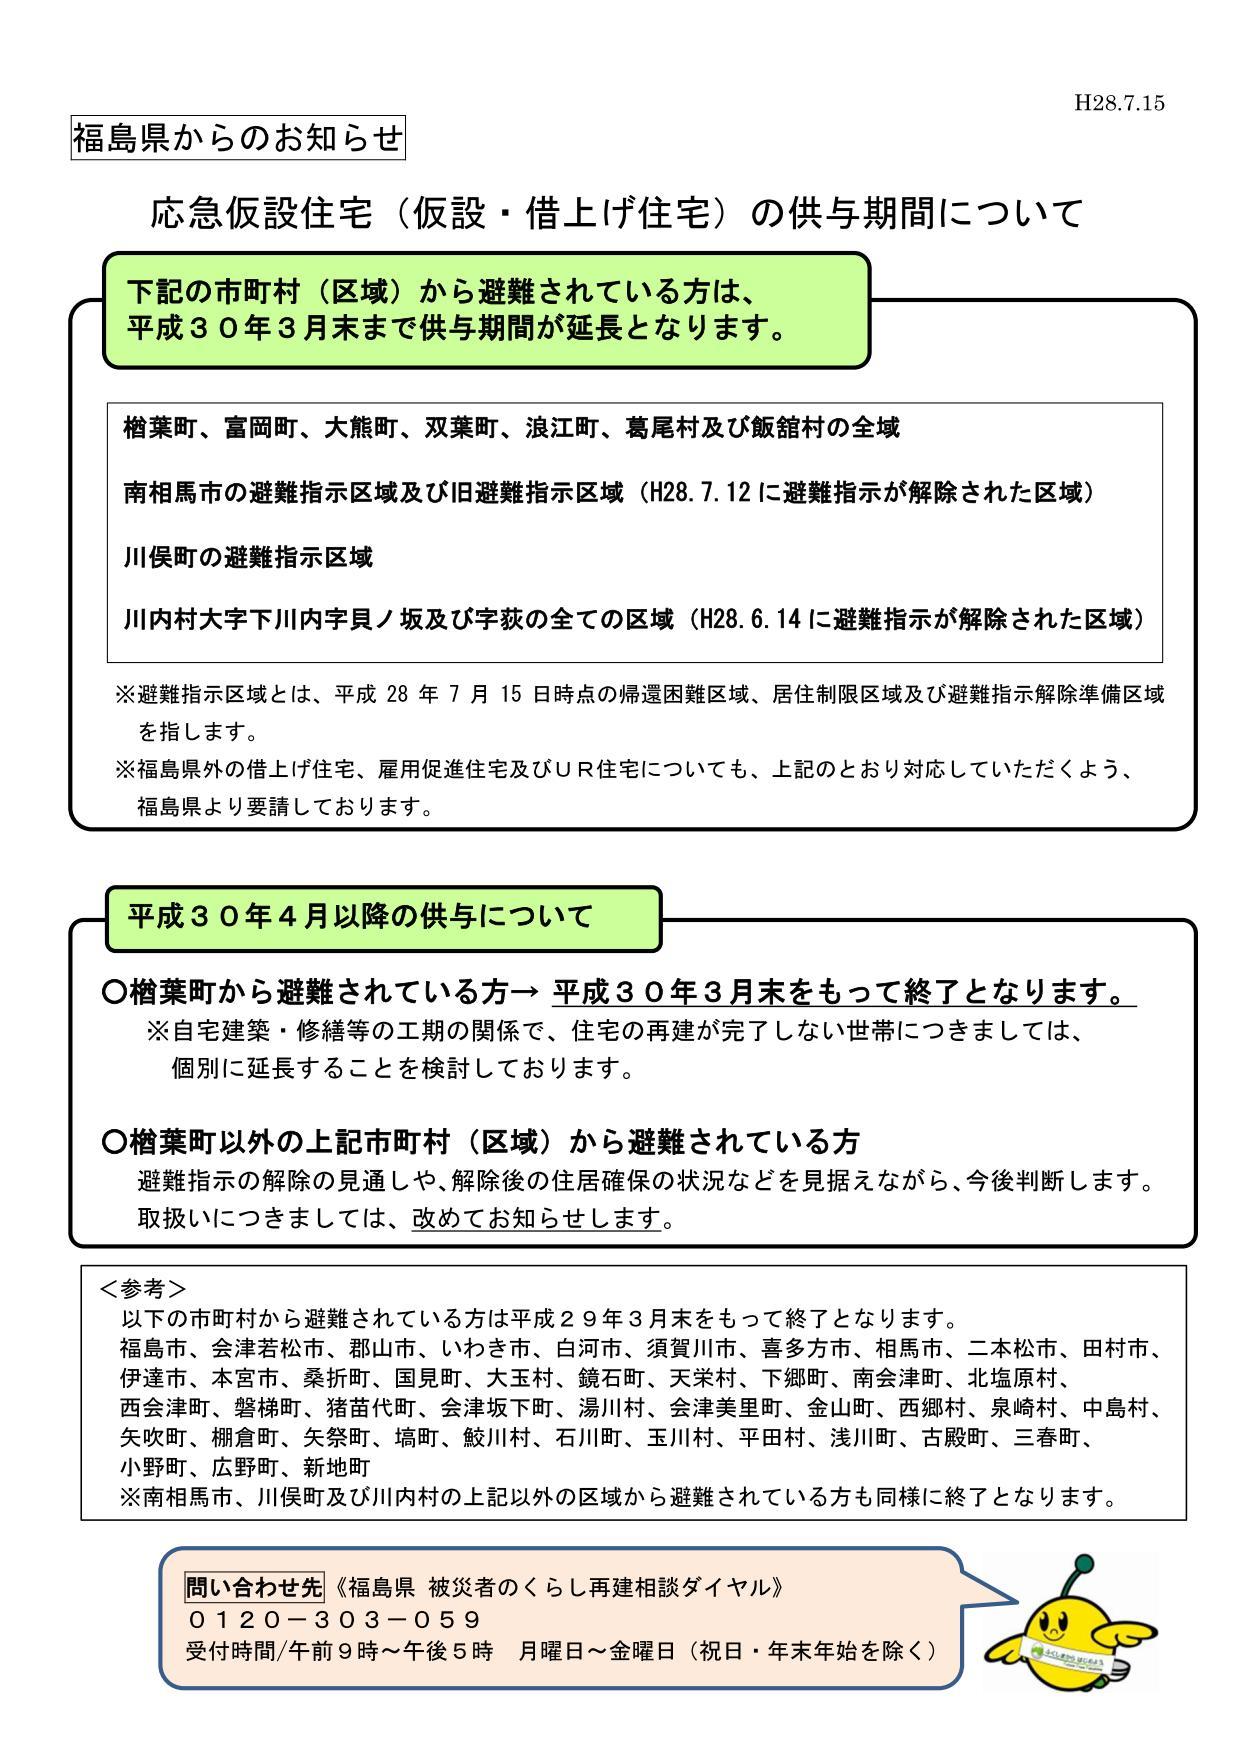 東日本大震災に係る応急仮設住宅の供与期間の延長について